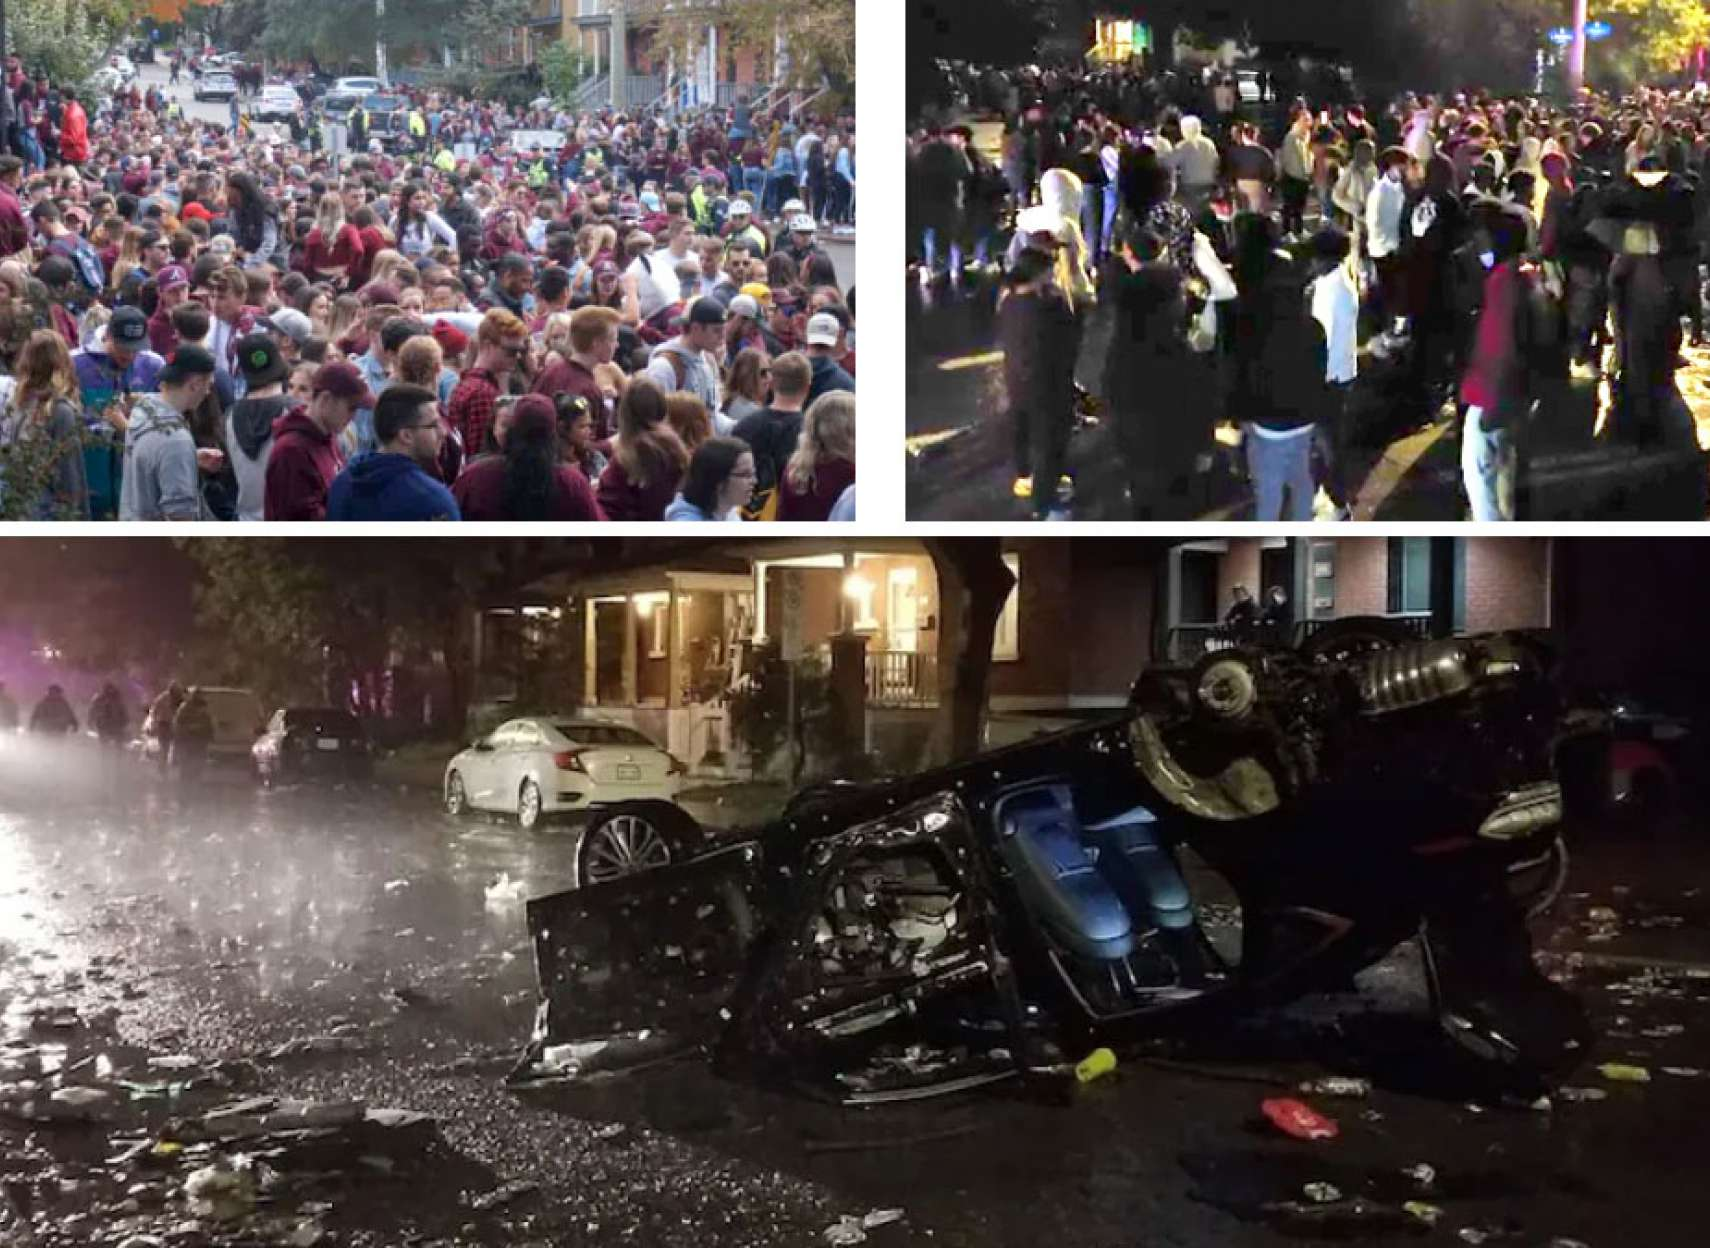 خبر-کانادا-پارتی-هزاران-نفری-دانشجویان-فوتبال-اتاوا-هفت-زخمی-کتک-خودرو-واژگون-بجا-گذاشت